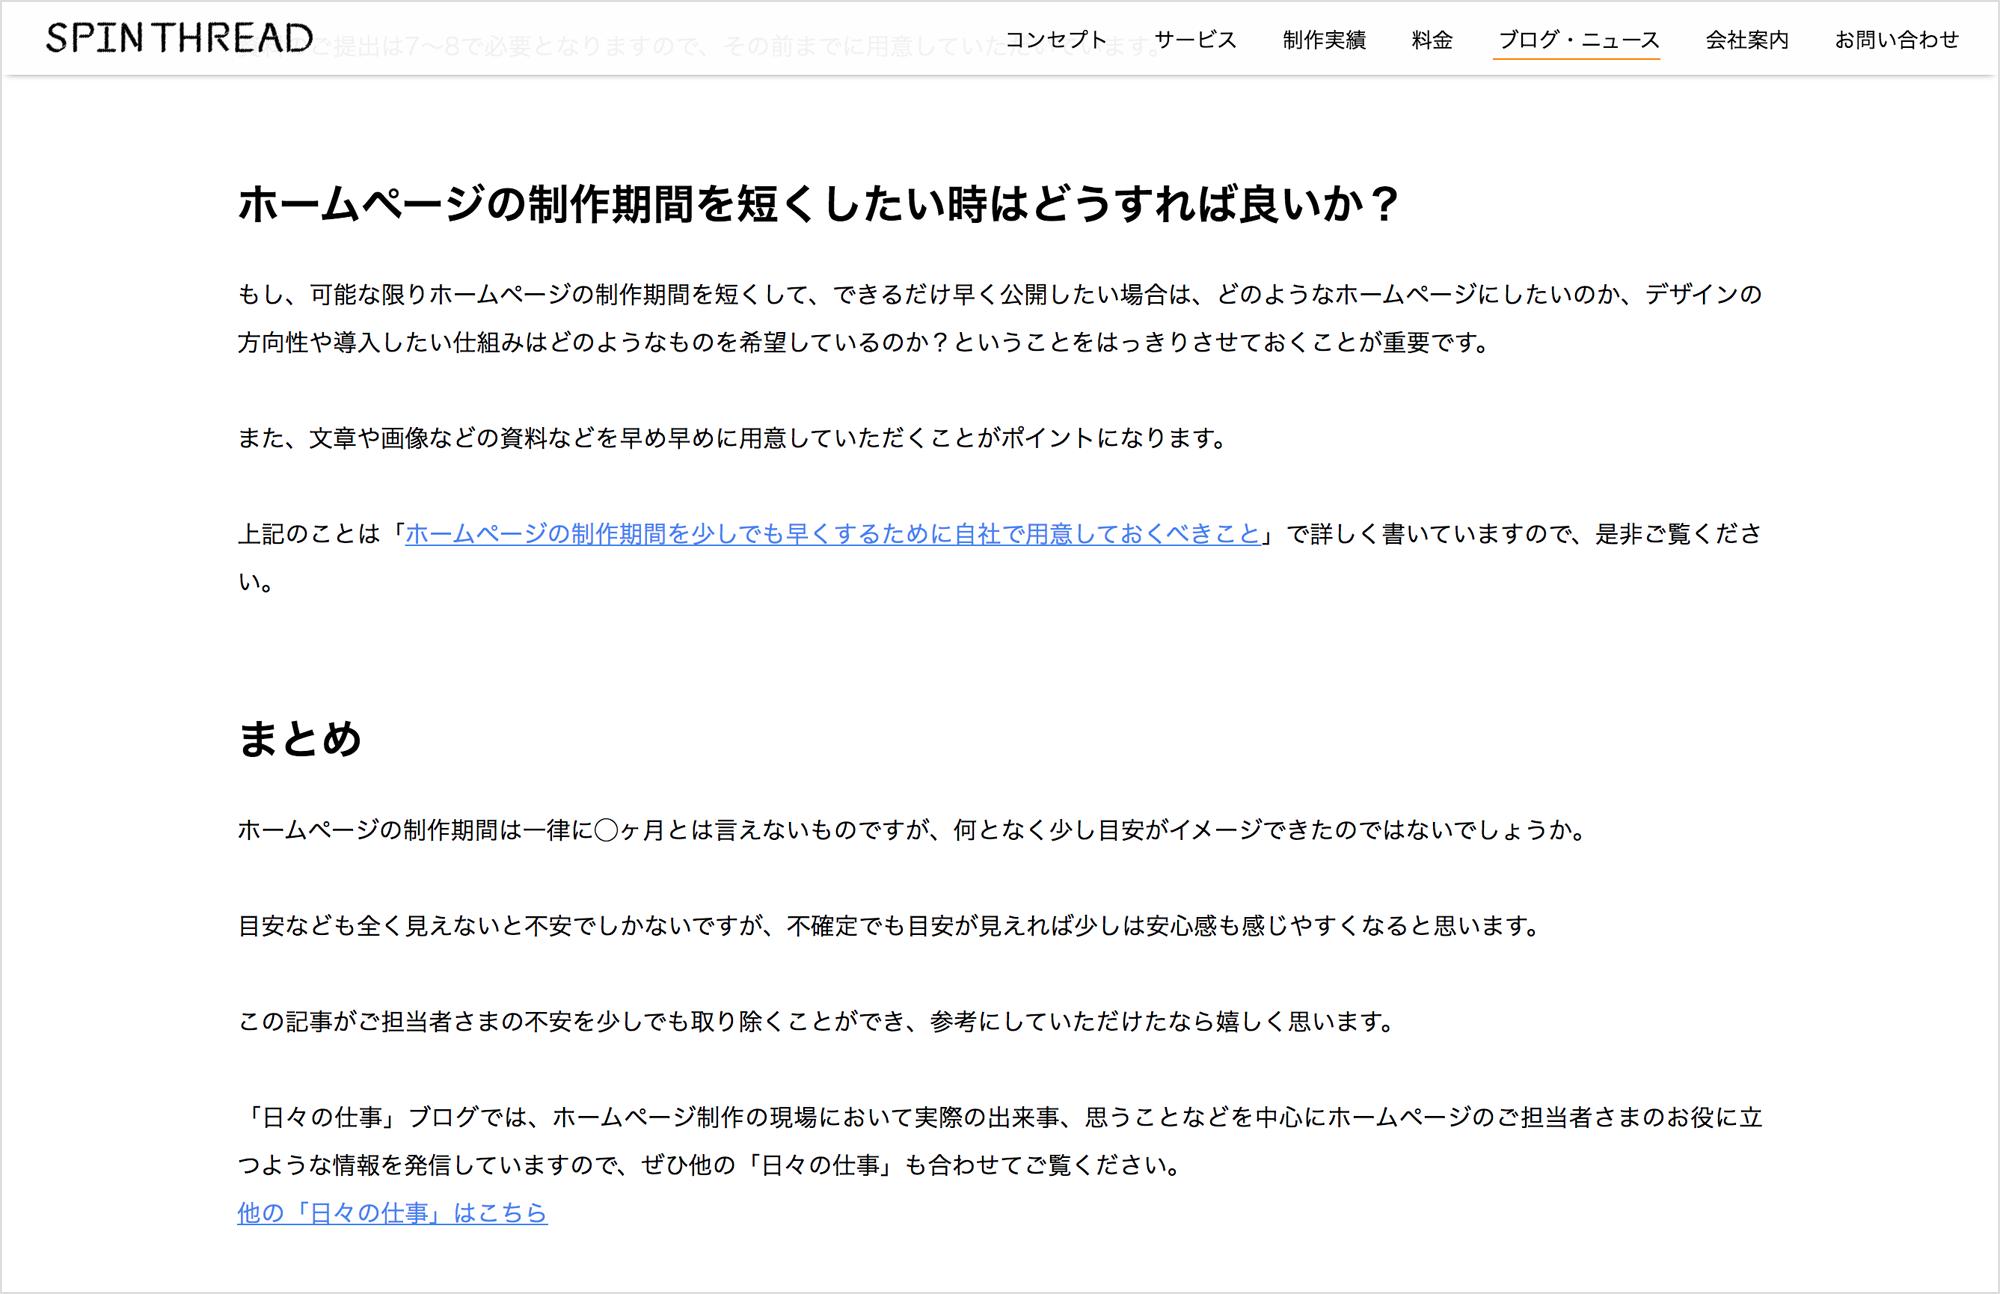 テキストリンクが青のブログ画像